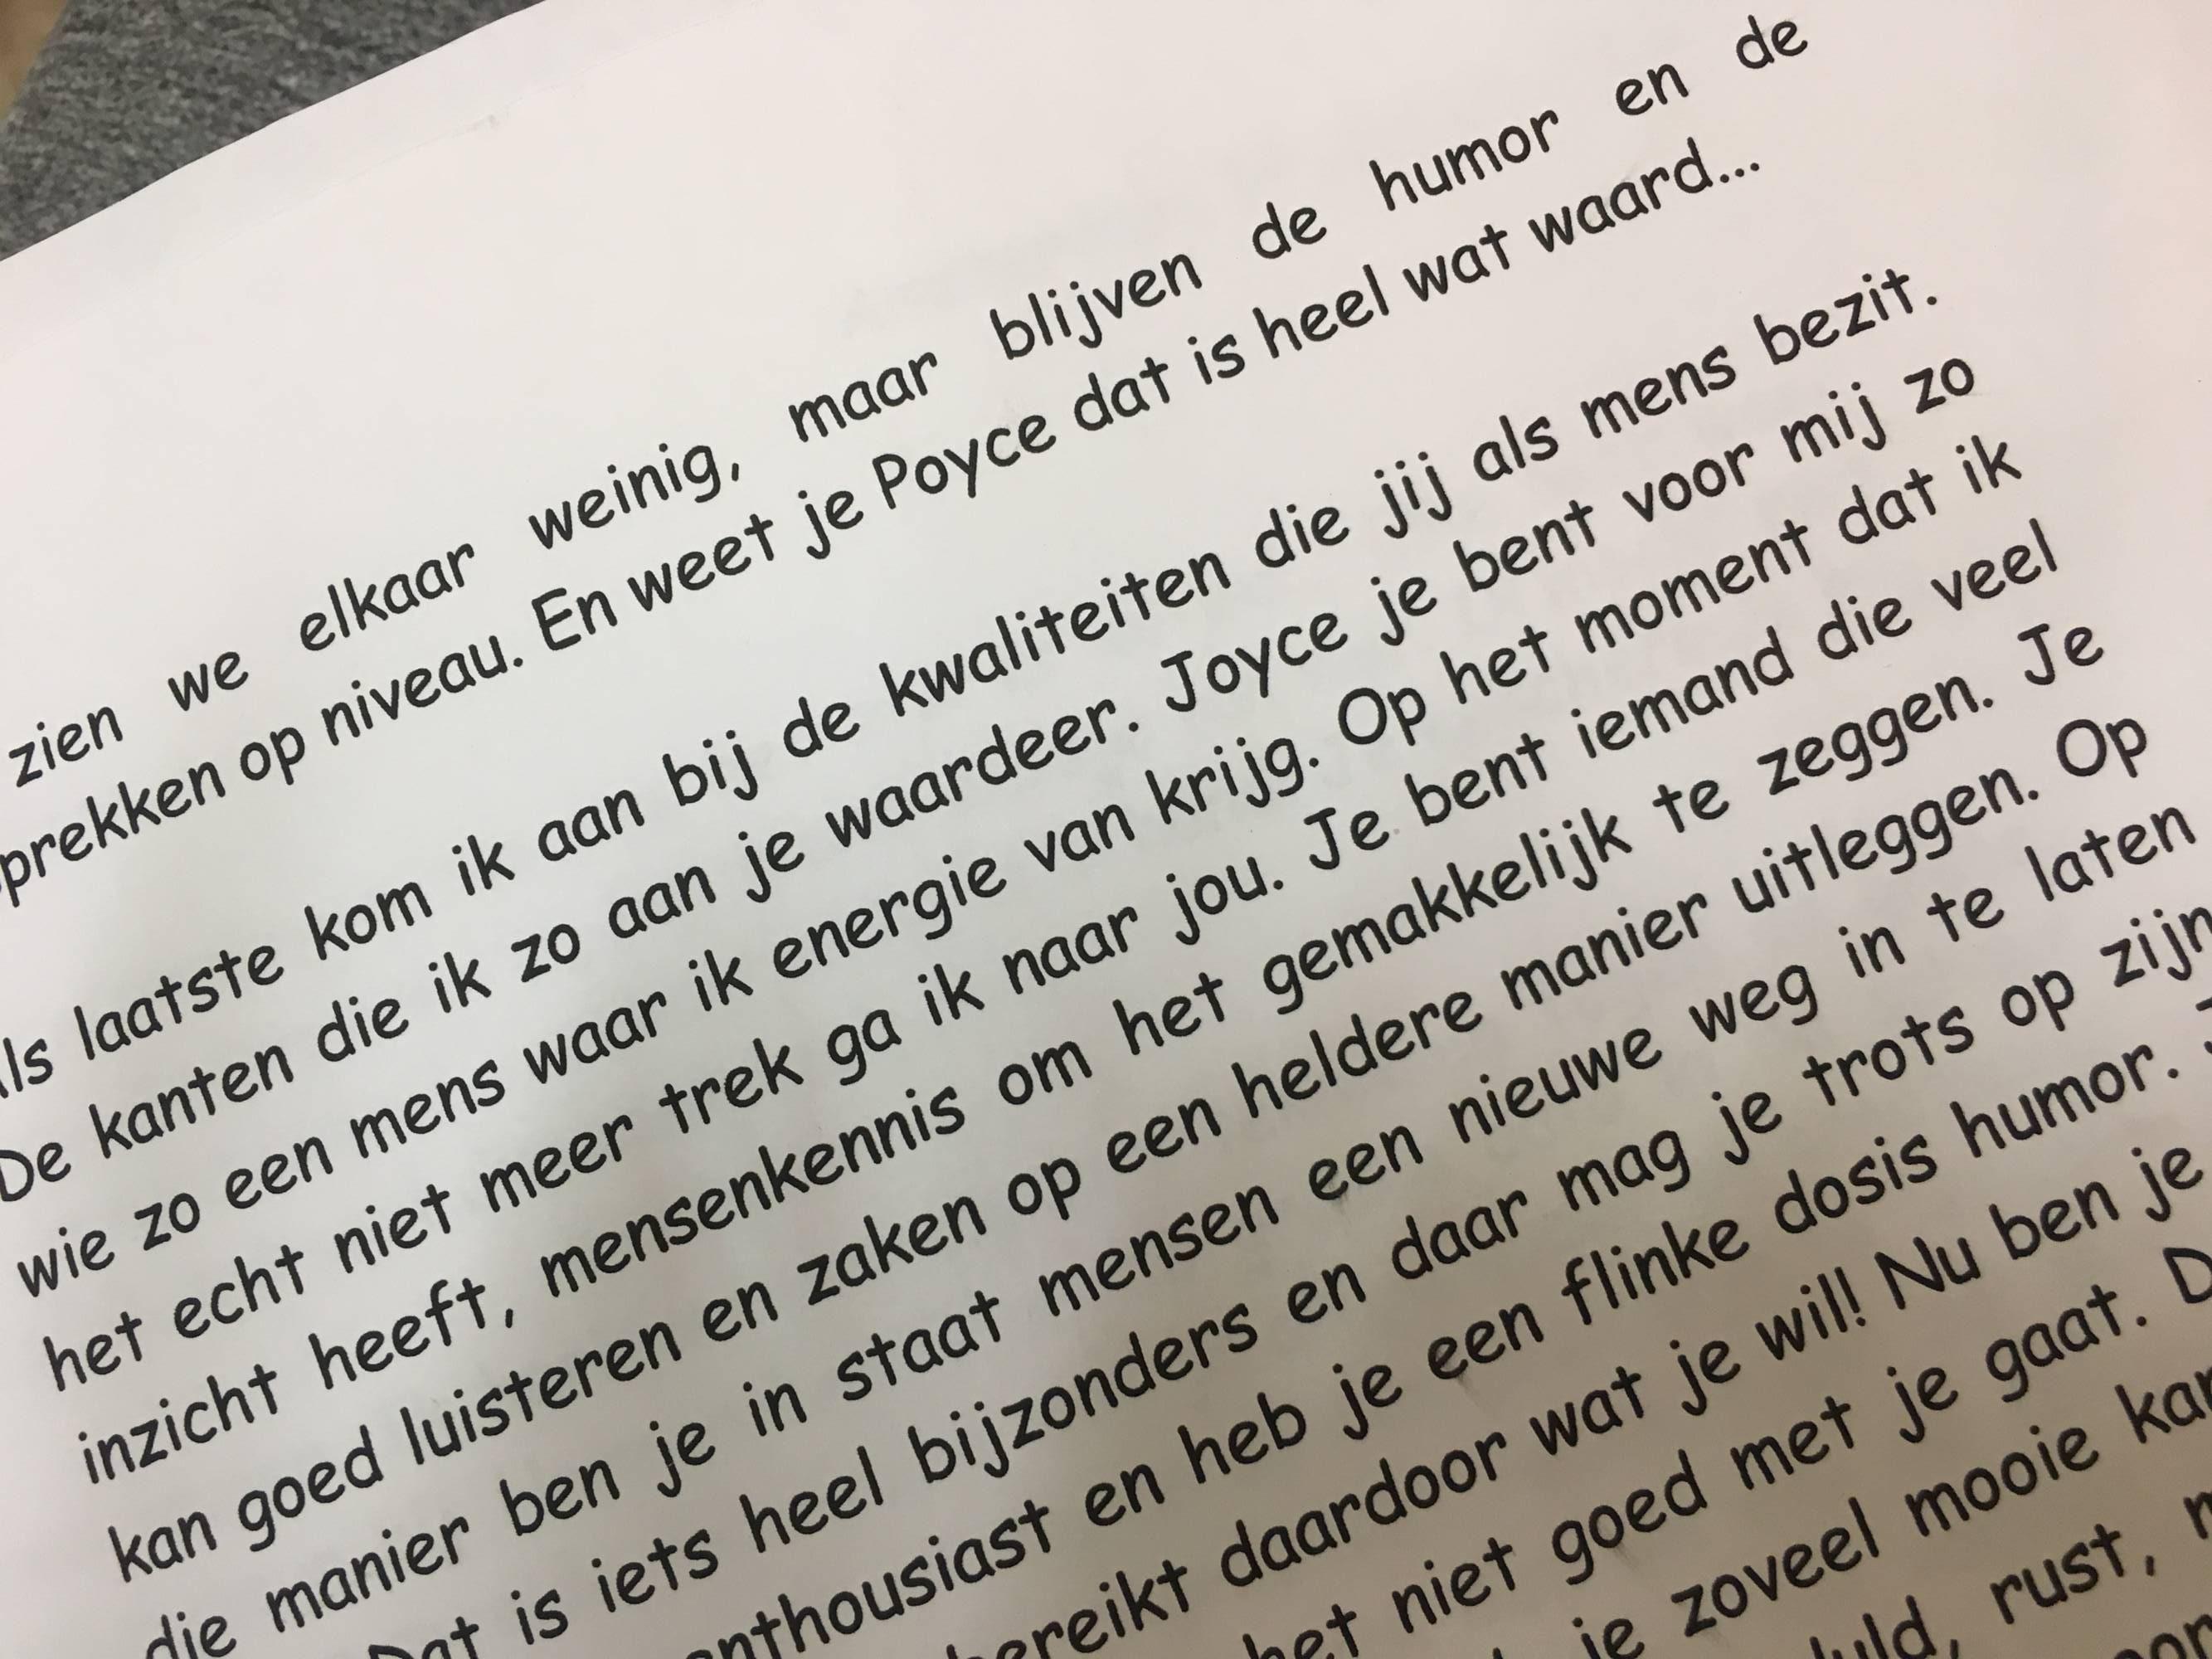 Yes! Ik Ben Koppig!